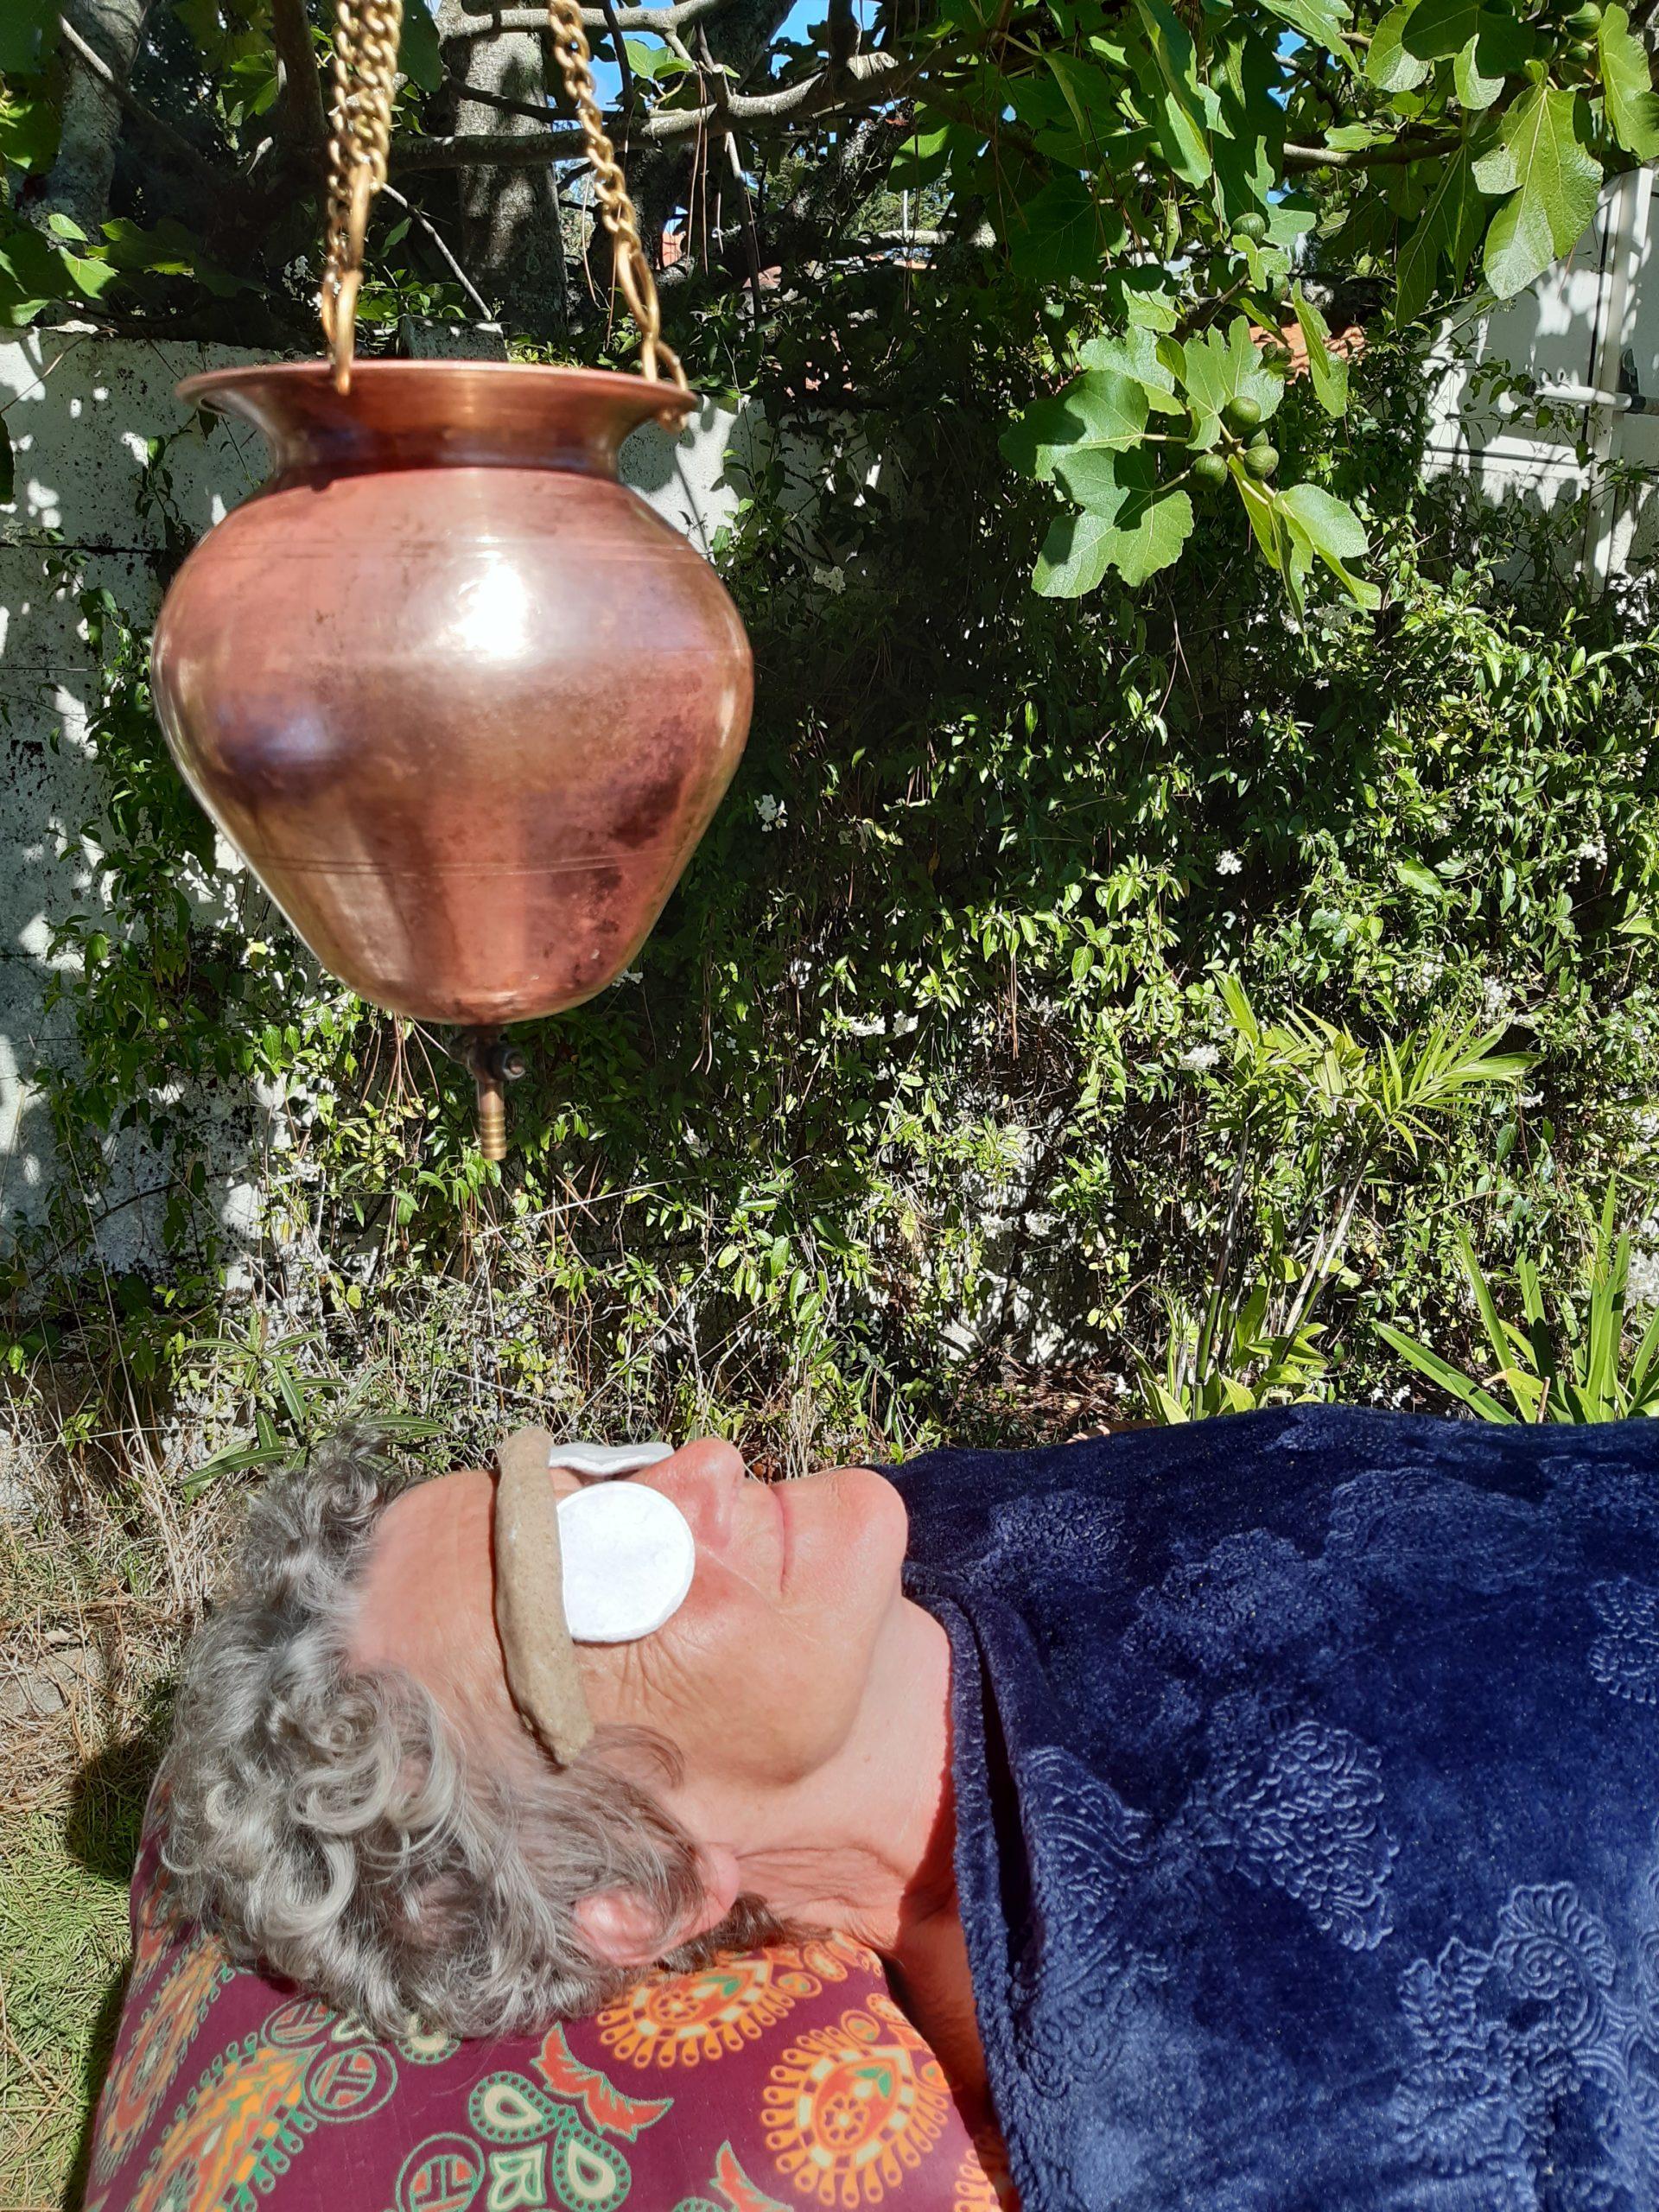 shirodhara iabhyanga massage femme enceint pré natal post natal massage soin pornichet la baule Saint-Nazaire ayurveda massage ayurvédique massages